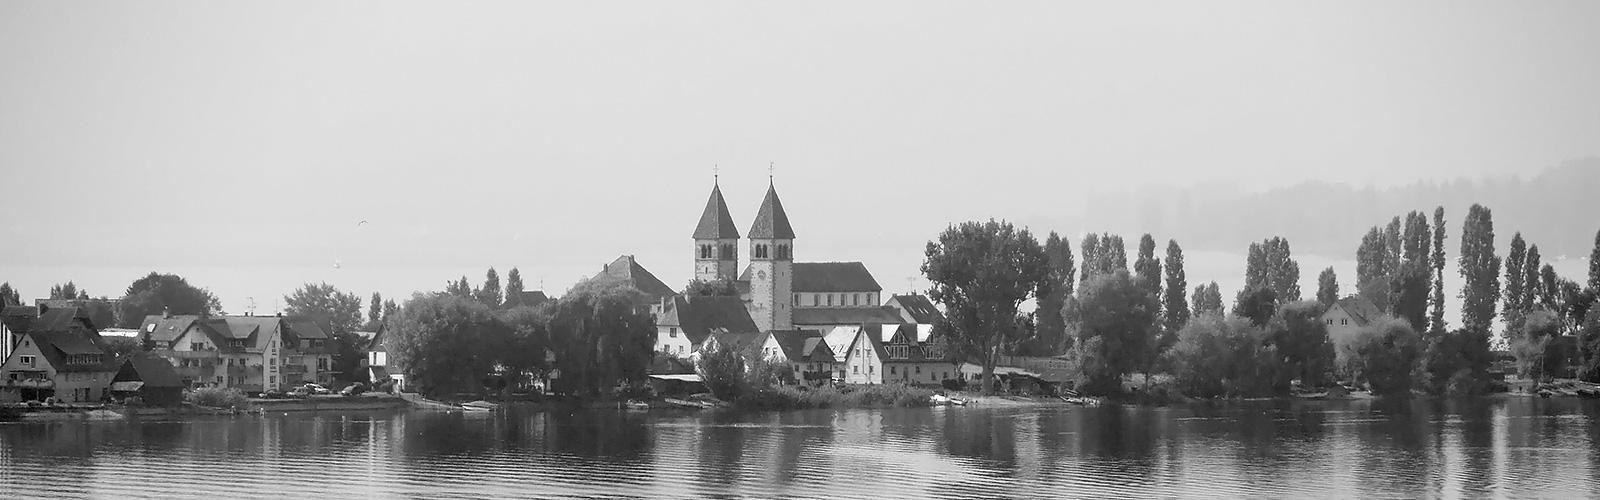 Ferienwohnung Bodensee Allensbach